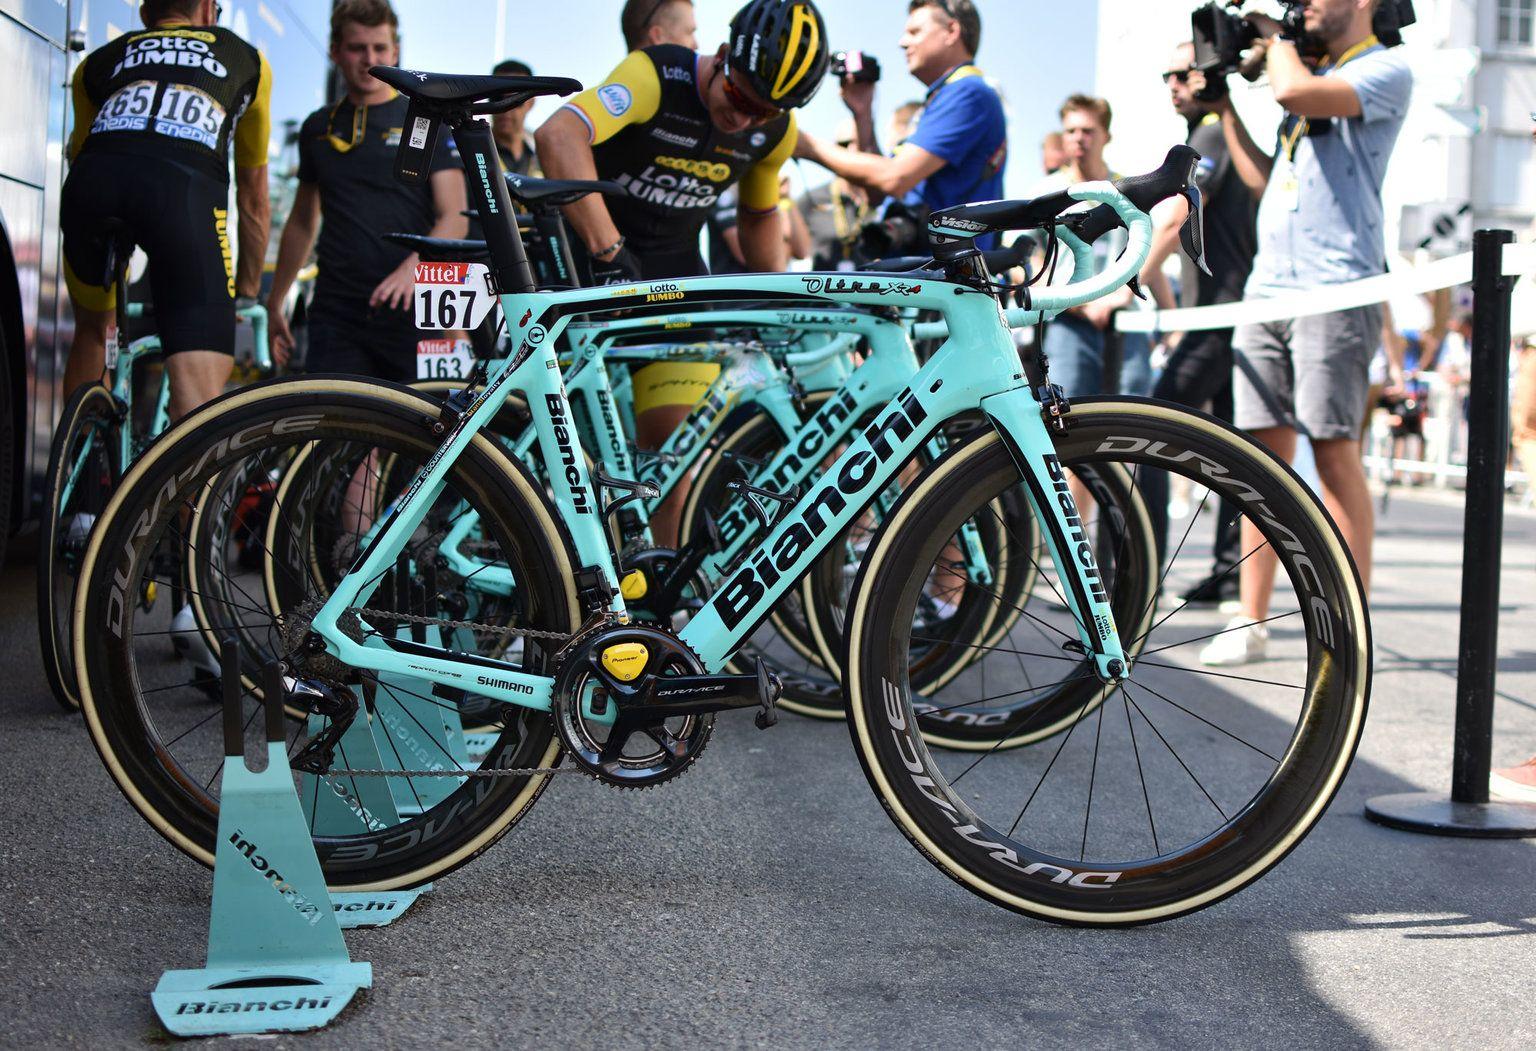 The Tour De France Bikes Ranked